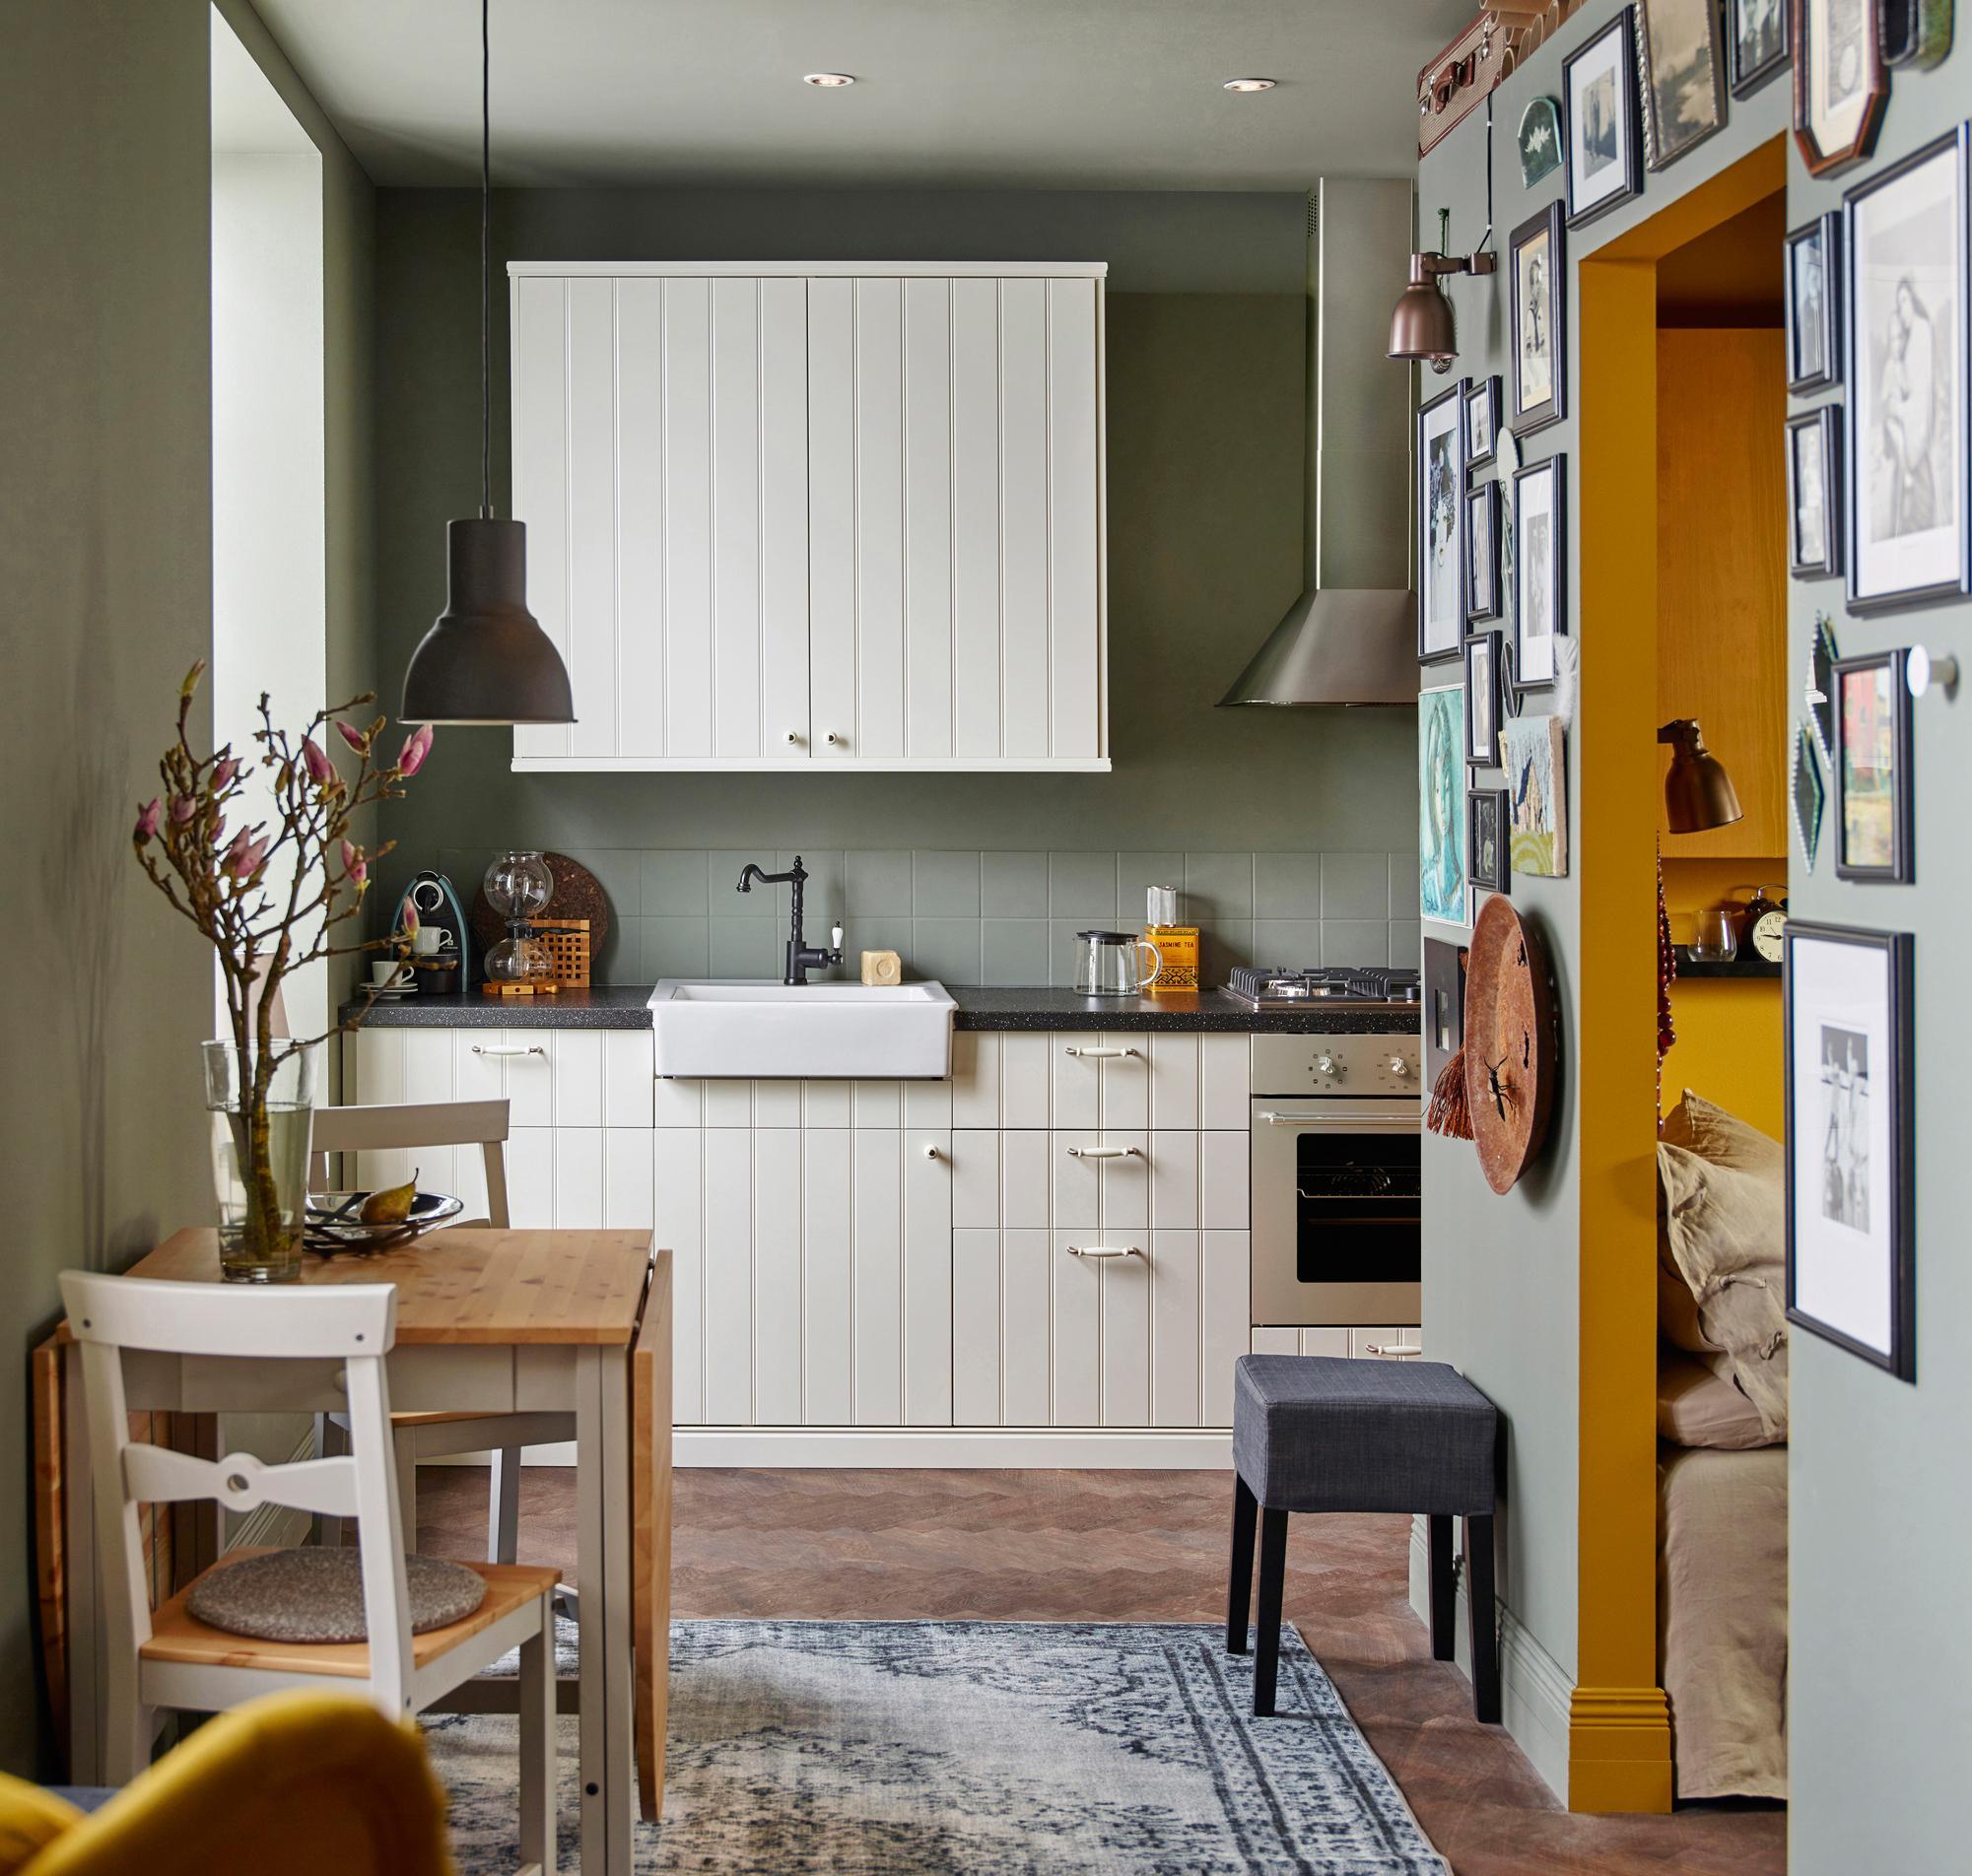 Full Size of Miniküche Ikea Single Kche Bilder Ideen Couch Stengel Betten Bei Küche Kosten Kaufen 160x200 Modulküche Mit Kühlschrank Sofa Schlaffunktion Wohnzimmer Miniküche Ikea